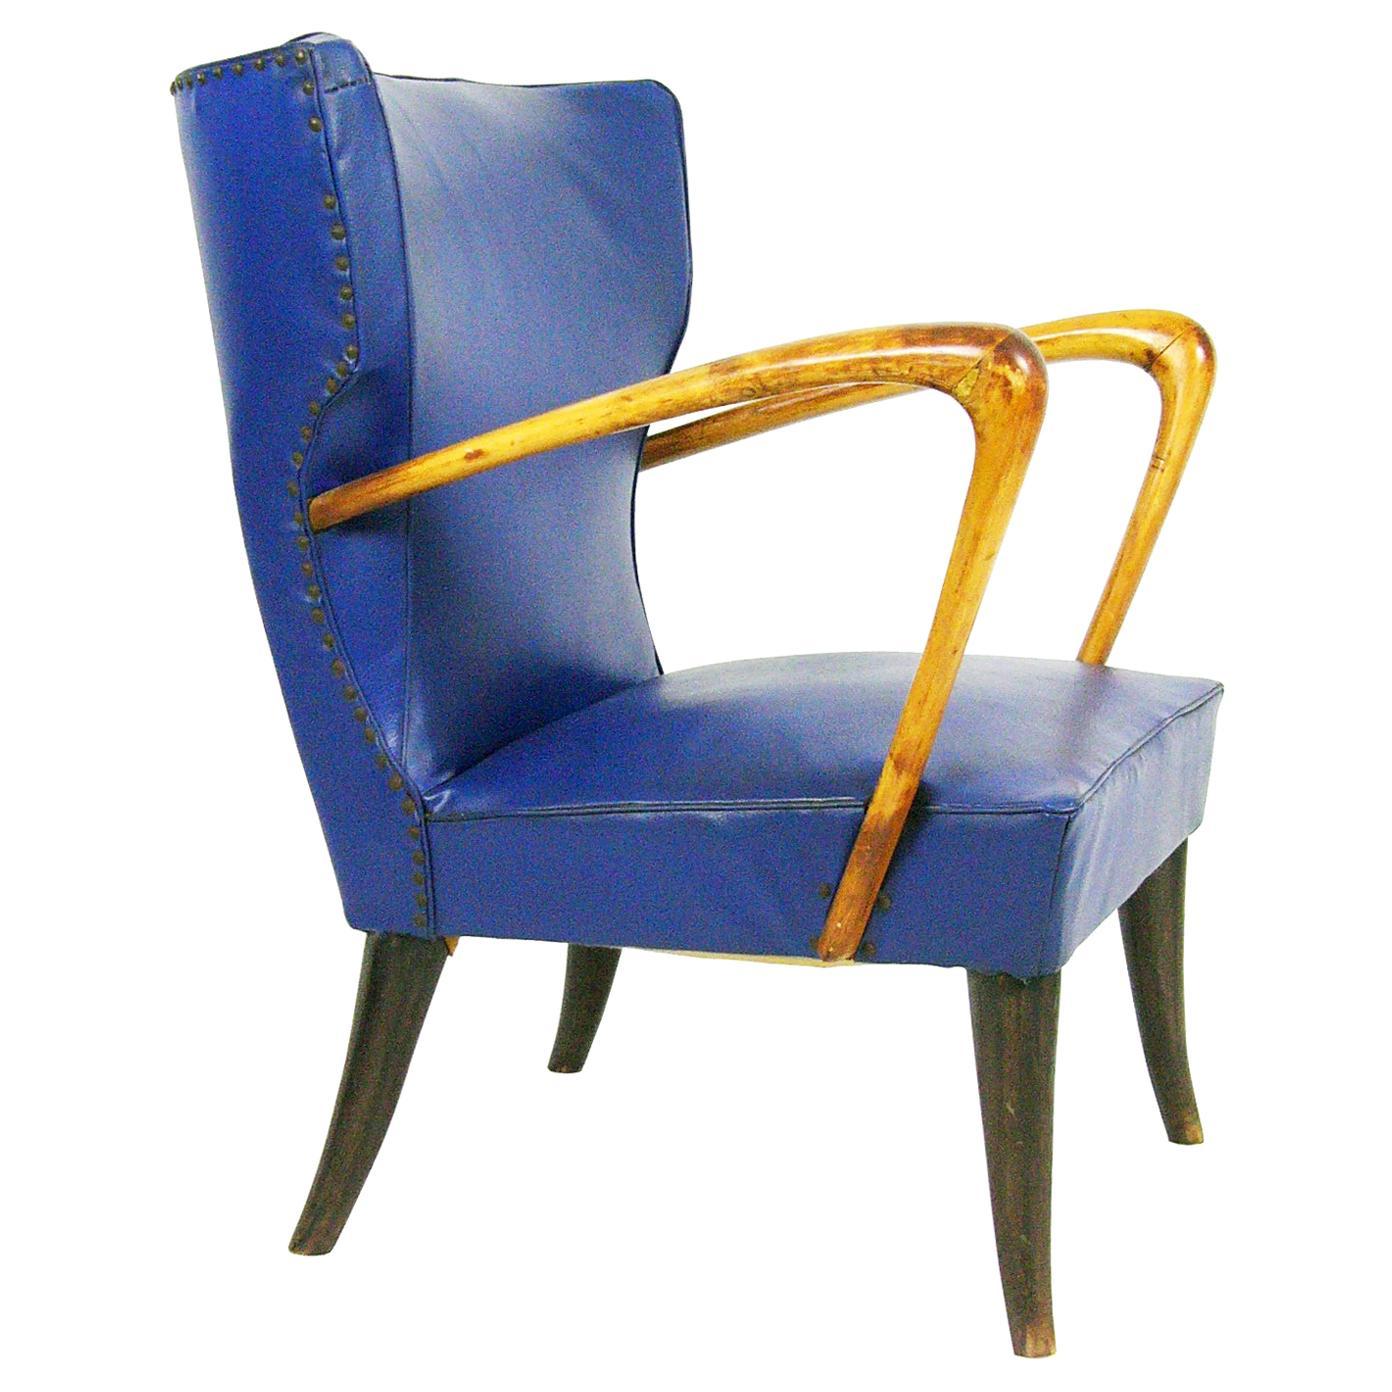 Italian Blue Skai and Wood 1950s Armchair